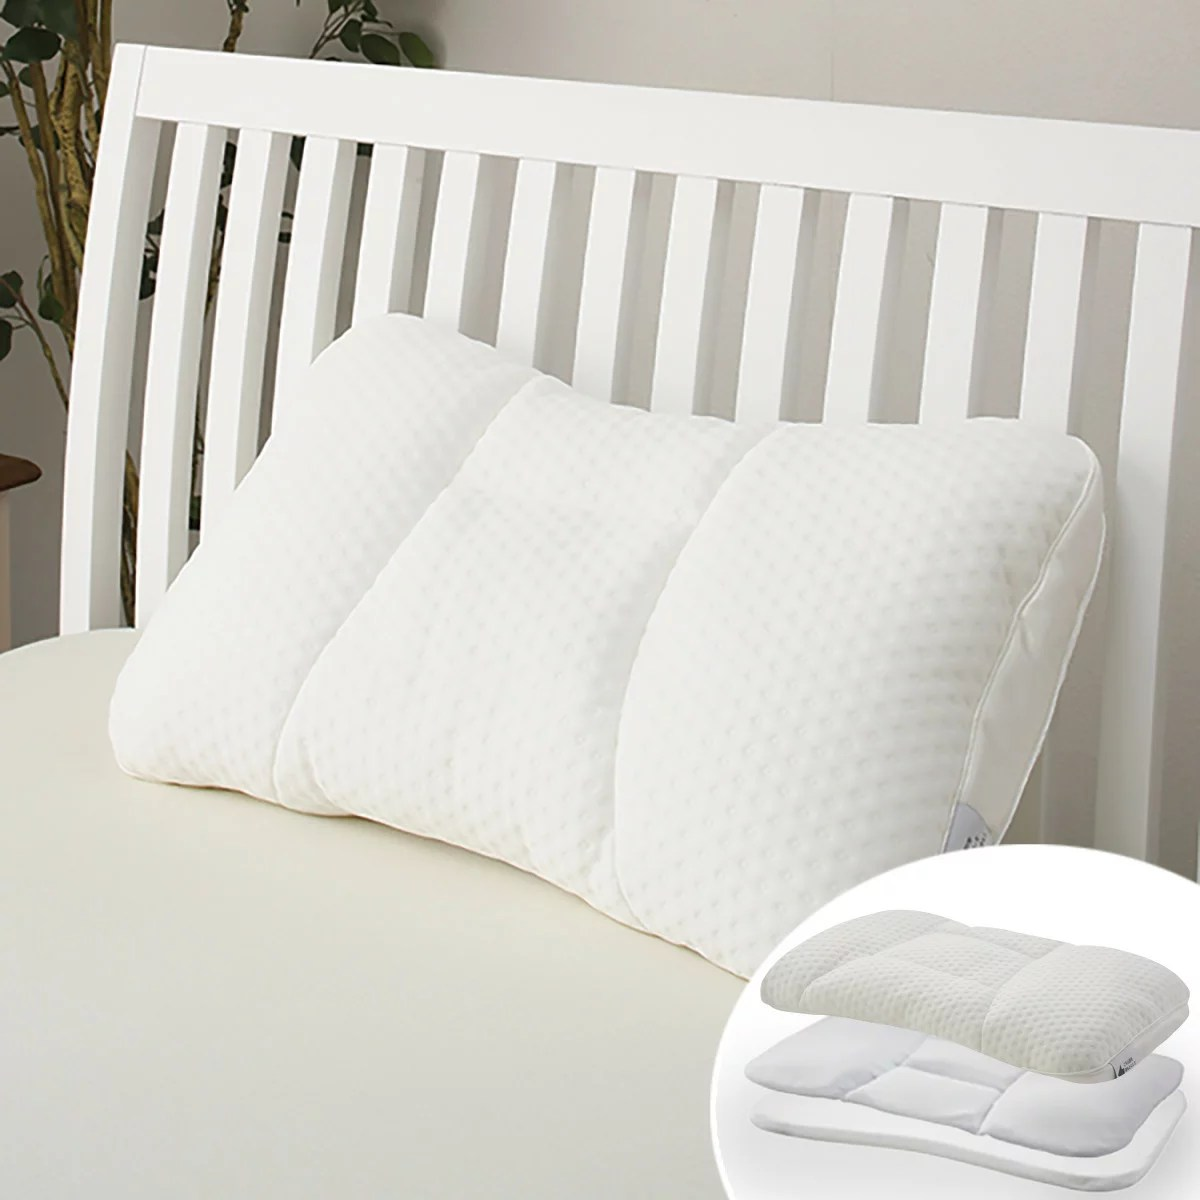 枕 パイプ枕 ポリエステル枕 肩こり 首こり 洗える かため パイプまくら高さが